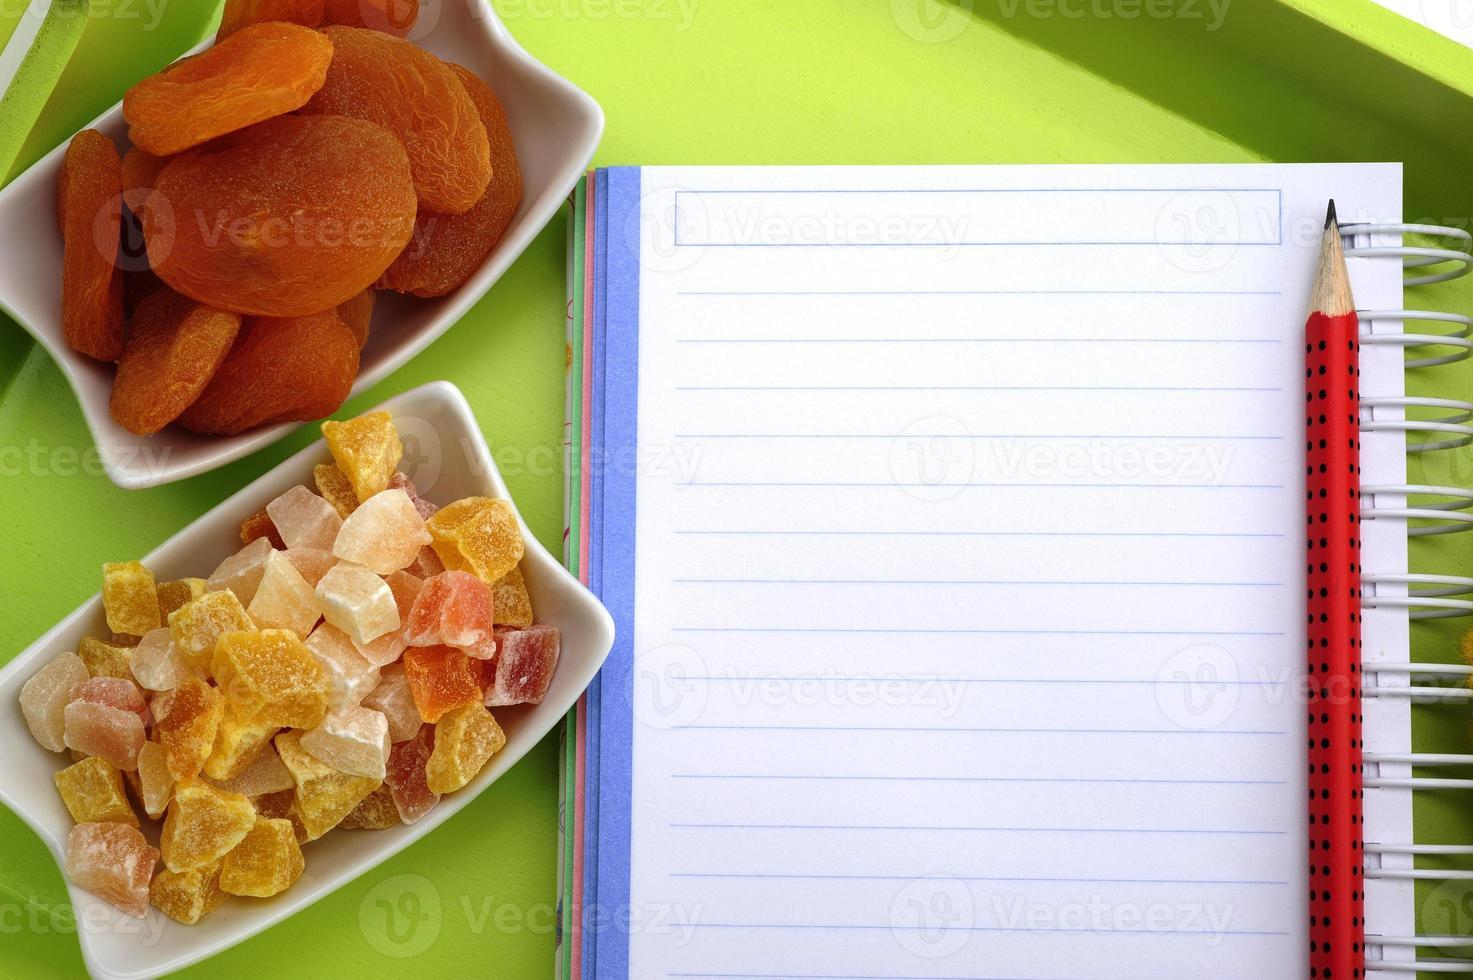 blanco receptenboek met gekonfijt fruit foto